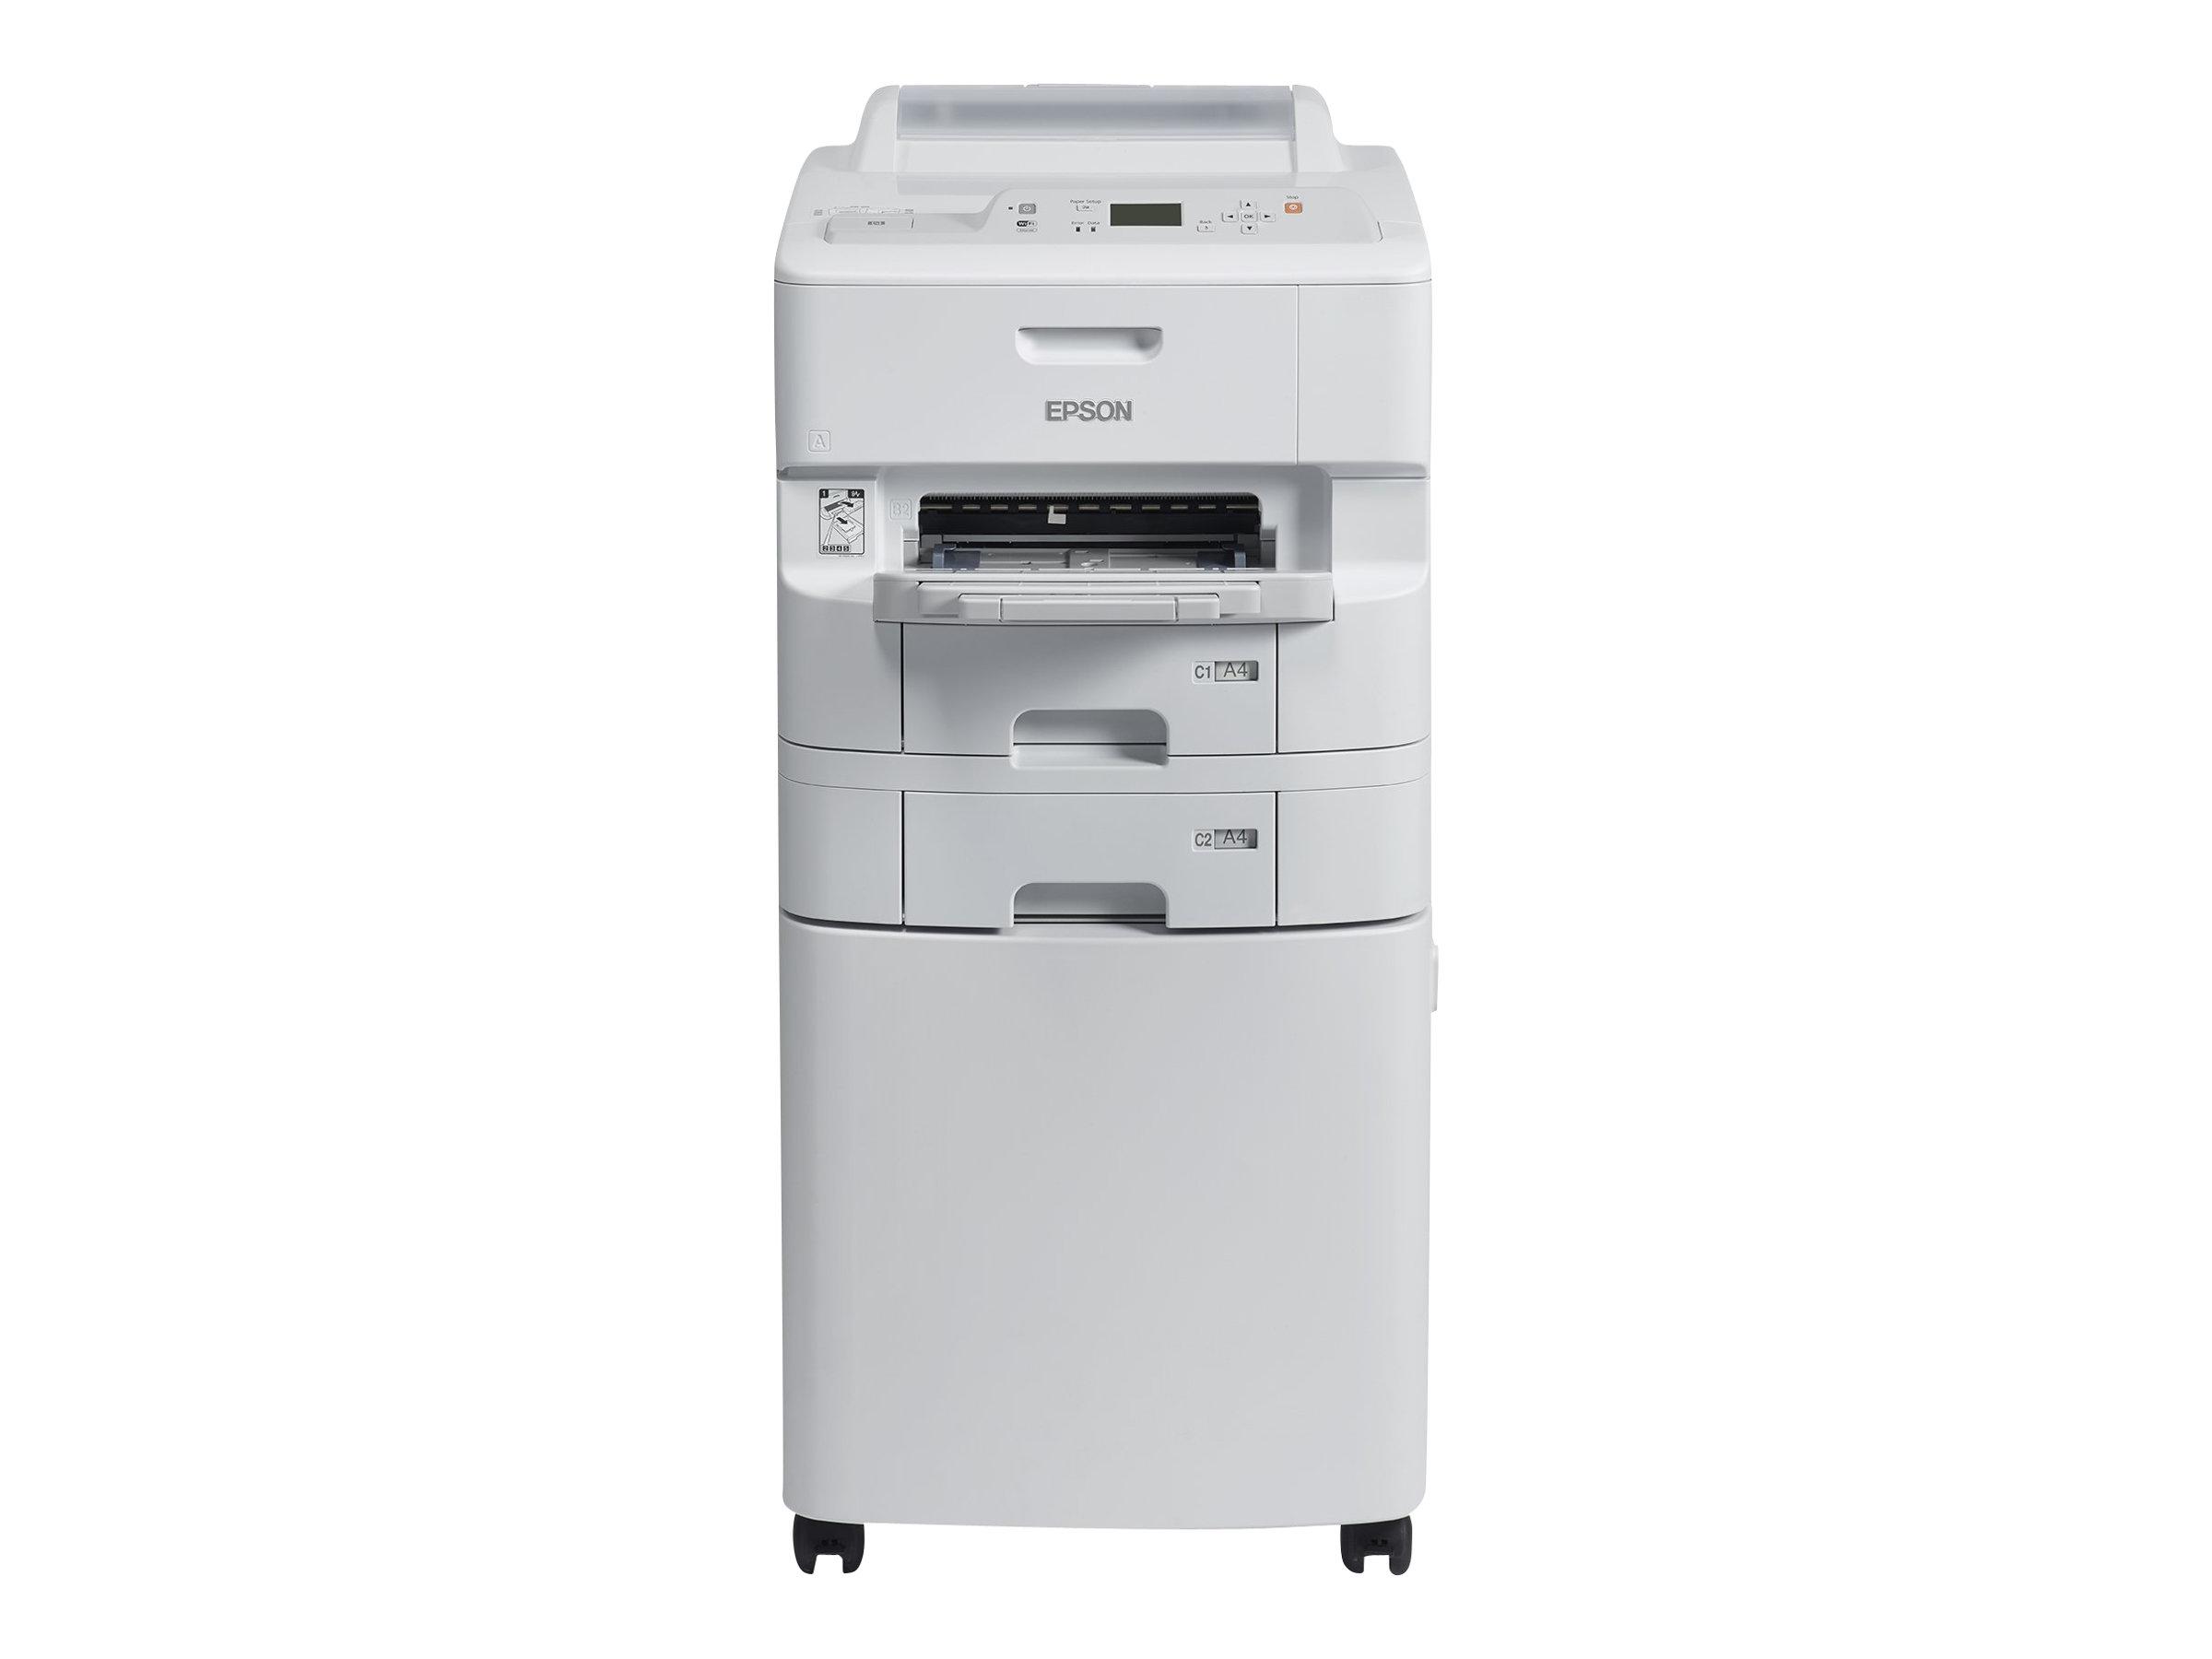 Epson WorkForce Pro WF-6090DTWC - Drucker - Farbe - Duplex - Tintenstrahl - A4/Legal - 4800 x 1200 dpi - bis zu 34 Seiten/Min. (einfarbig)/